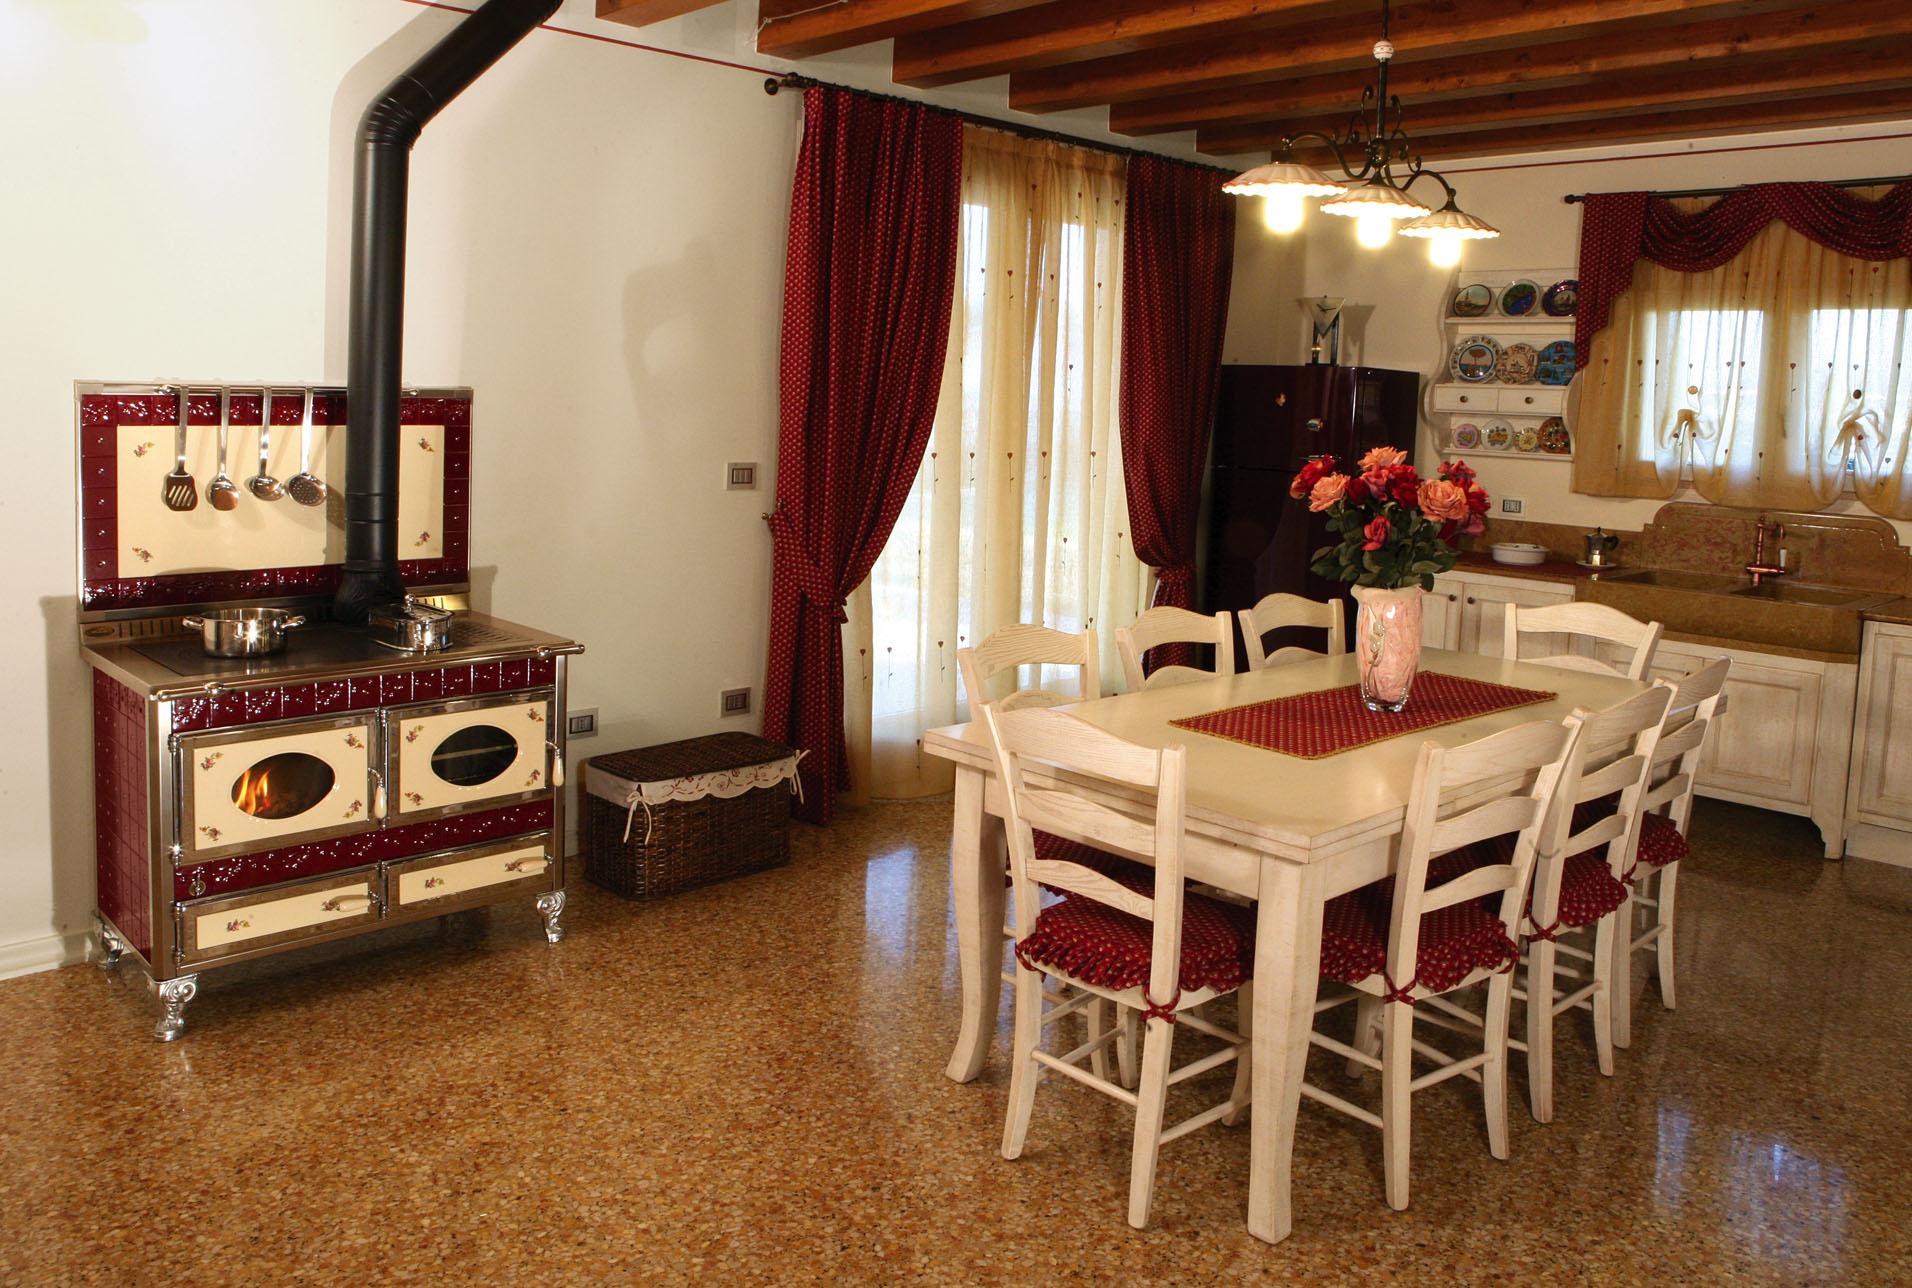 Cucine Casa Italia #A83623 1912 1288 Come Arredare Cucina Soggiorno Rustica